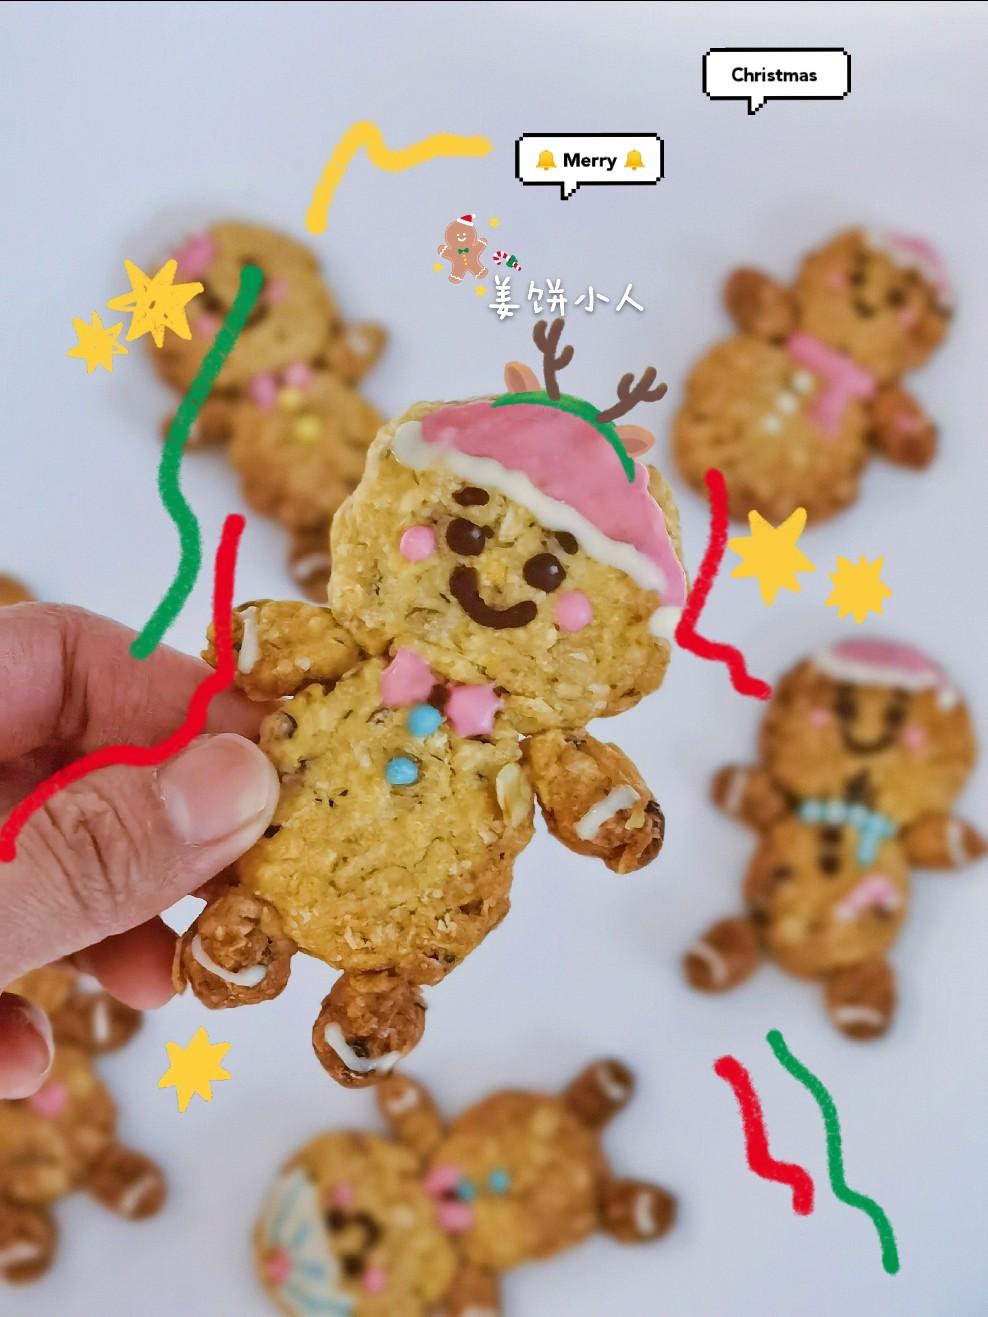 超Q姜饼小人燕麦饼干\uD83C\uDF6A香酥好吃_超Q姜饼小人燕麦饼干\uD83C\uDF6A香酥好吃的做法_超Q姜饼小人燕麦饼干\uD83C\uDF6A香酥好吃的家常做法_超Q姜饼小人燕麦饼干\uD83C\uDF6A香酥好吃怎么做_爱吃菜